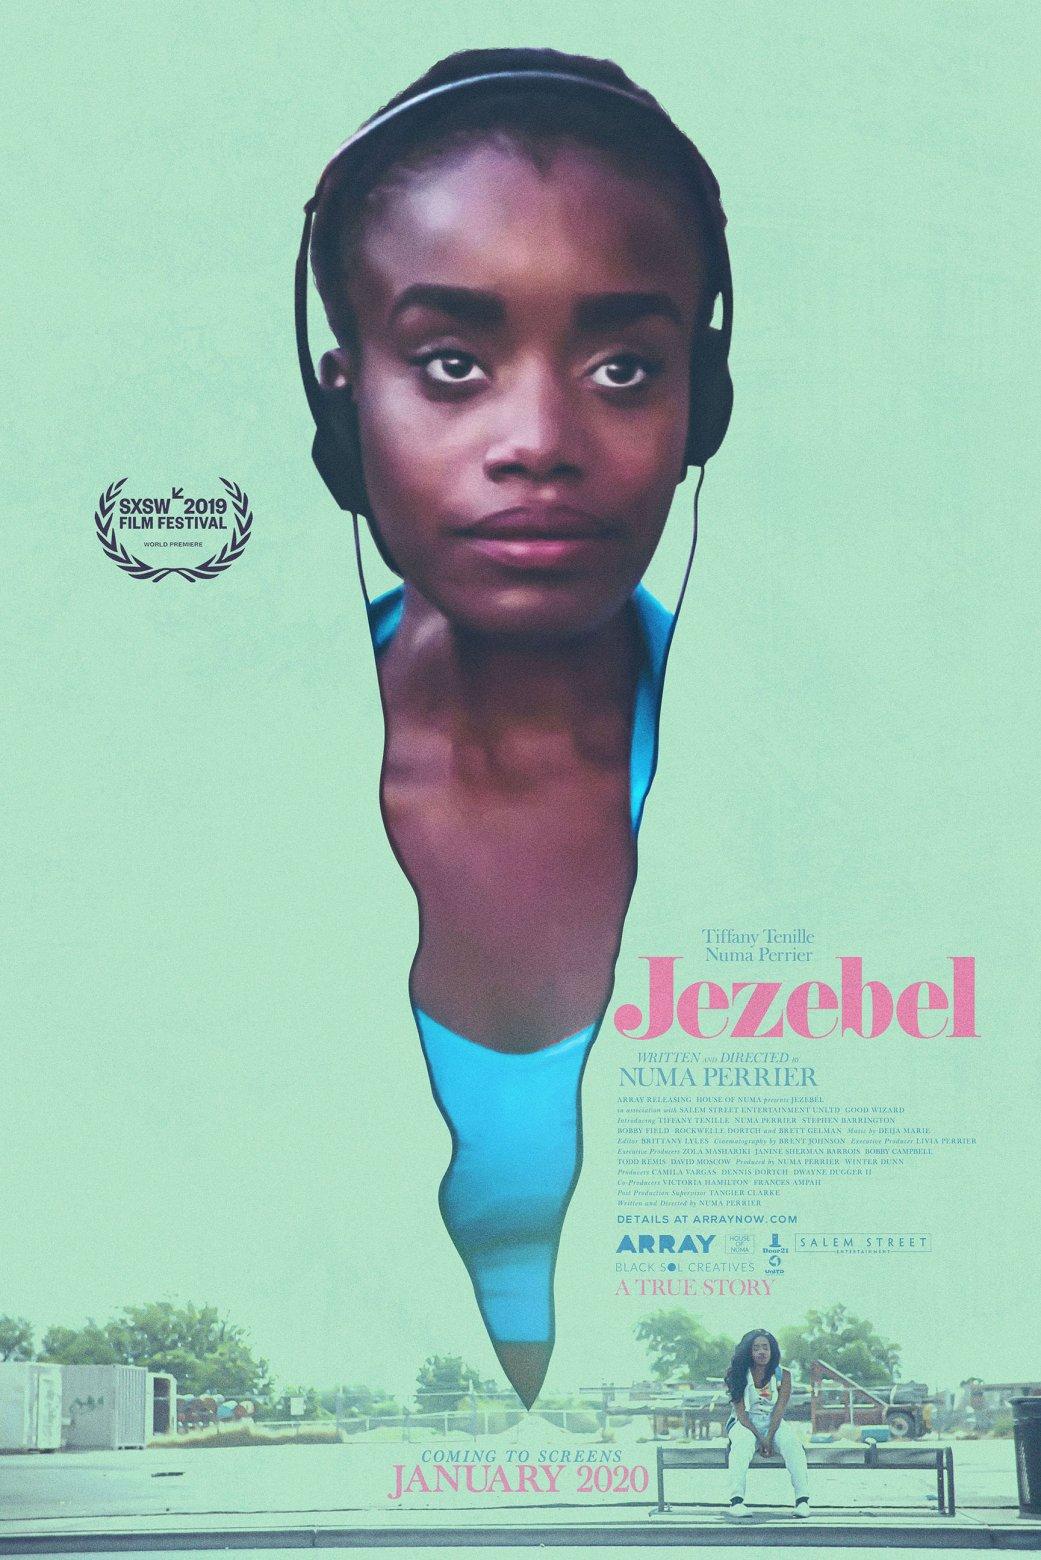 Jezebel Netflix